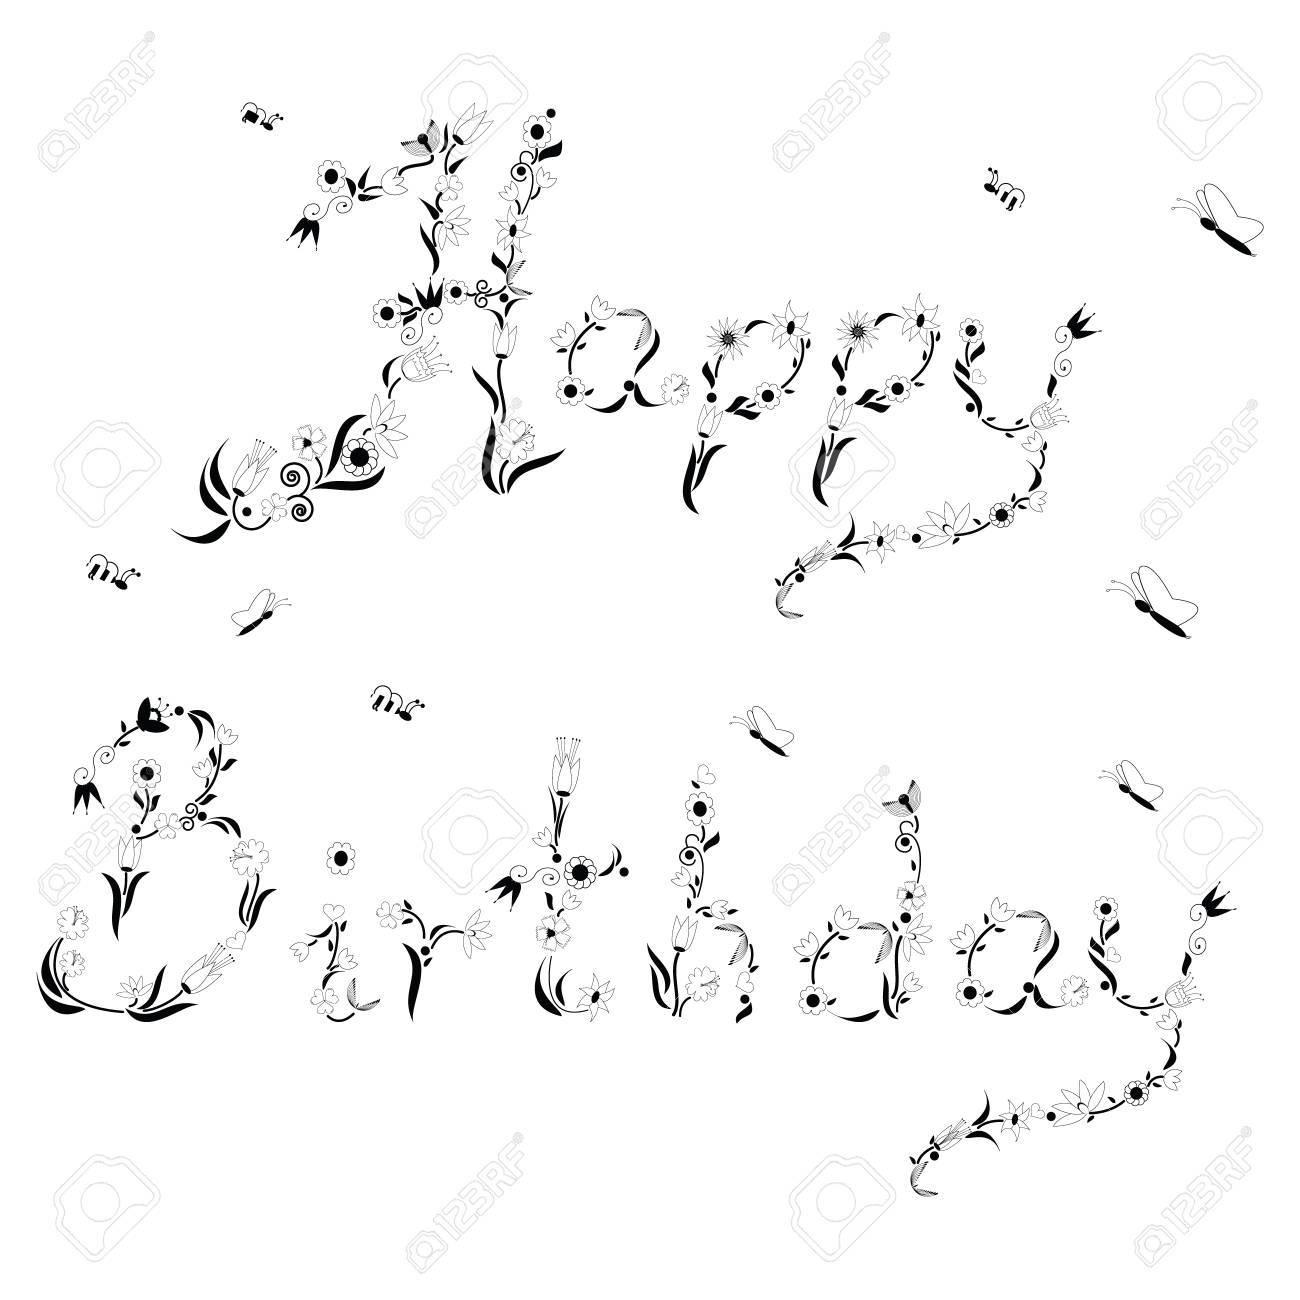 Fruhling Inspiriert Alles Gute Zum Geburtstag Zeichen Lizenzfrei